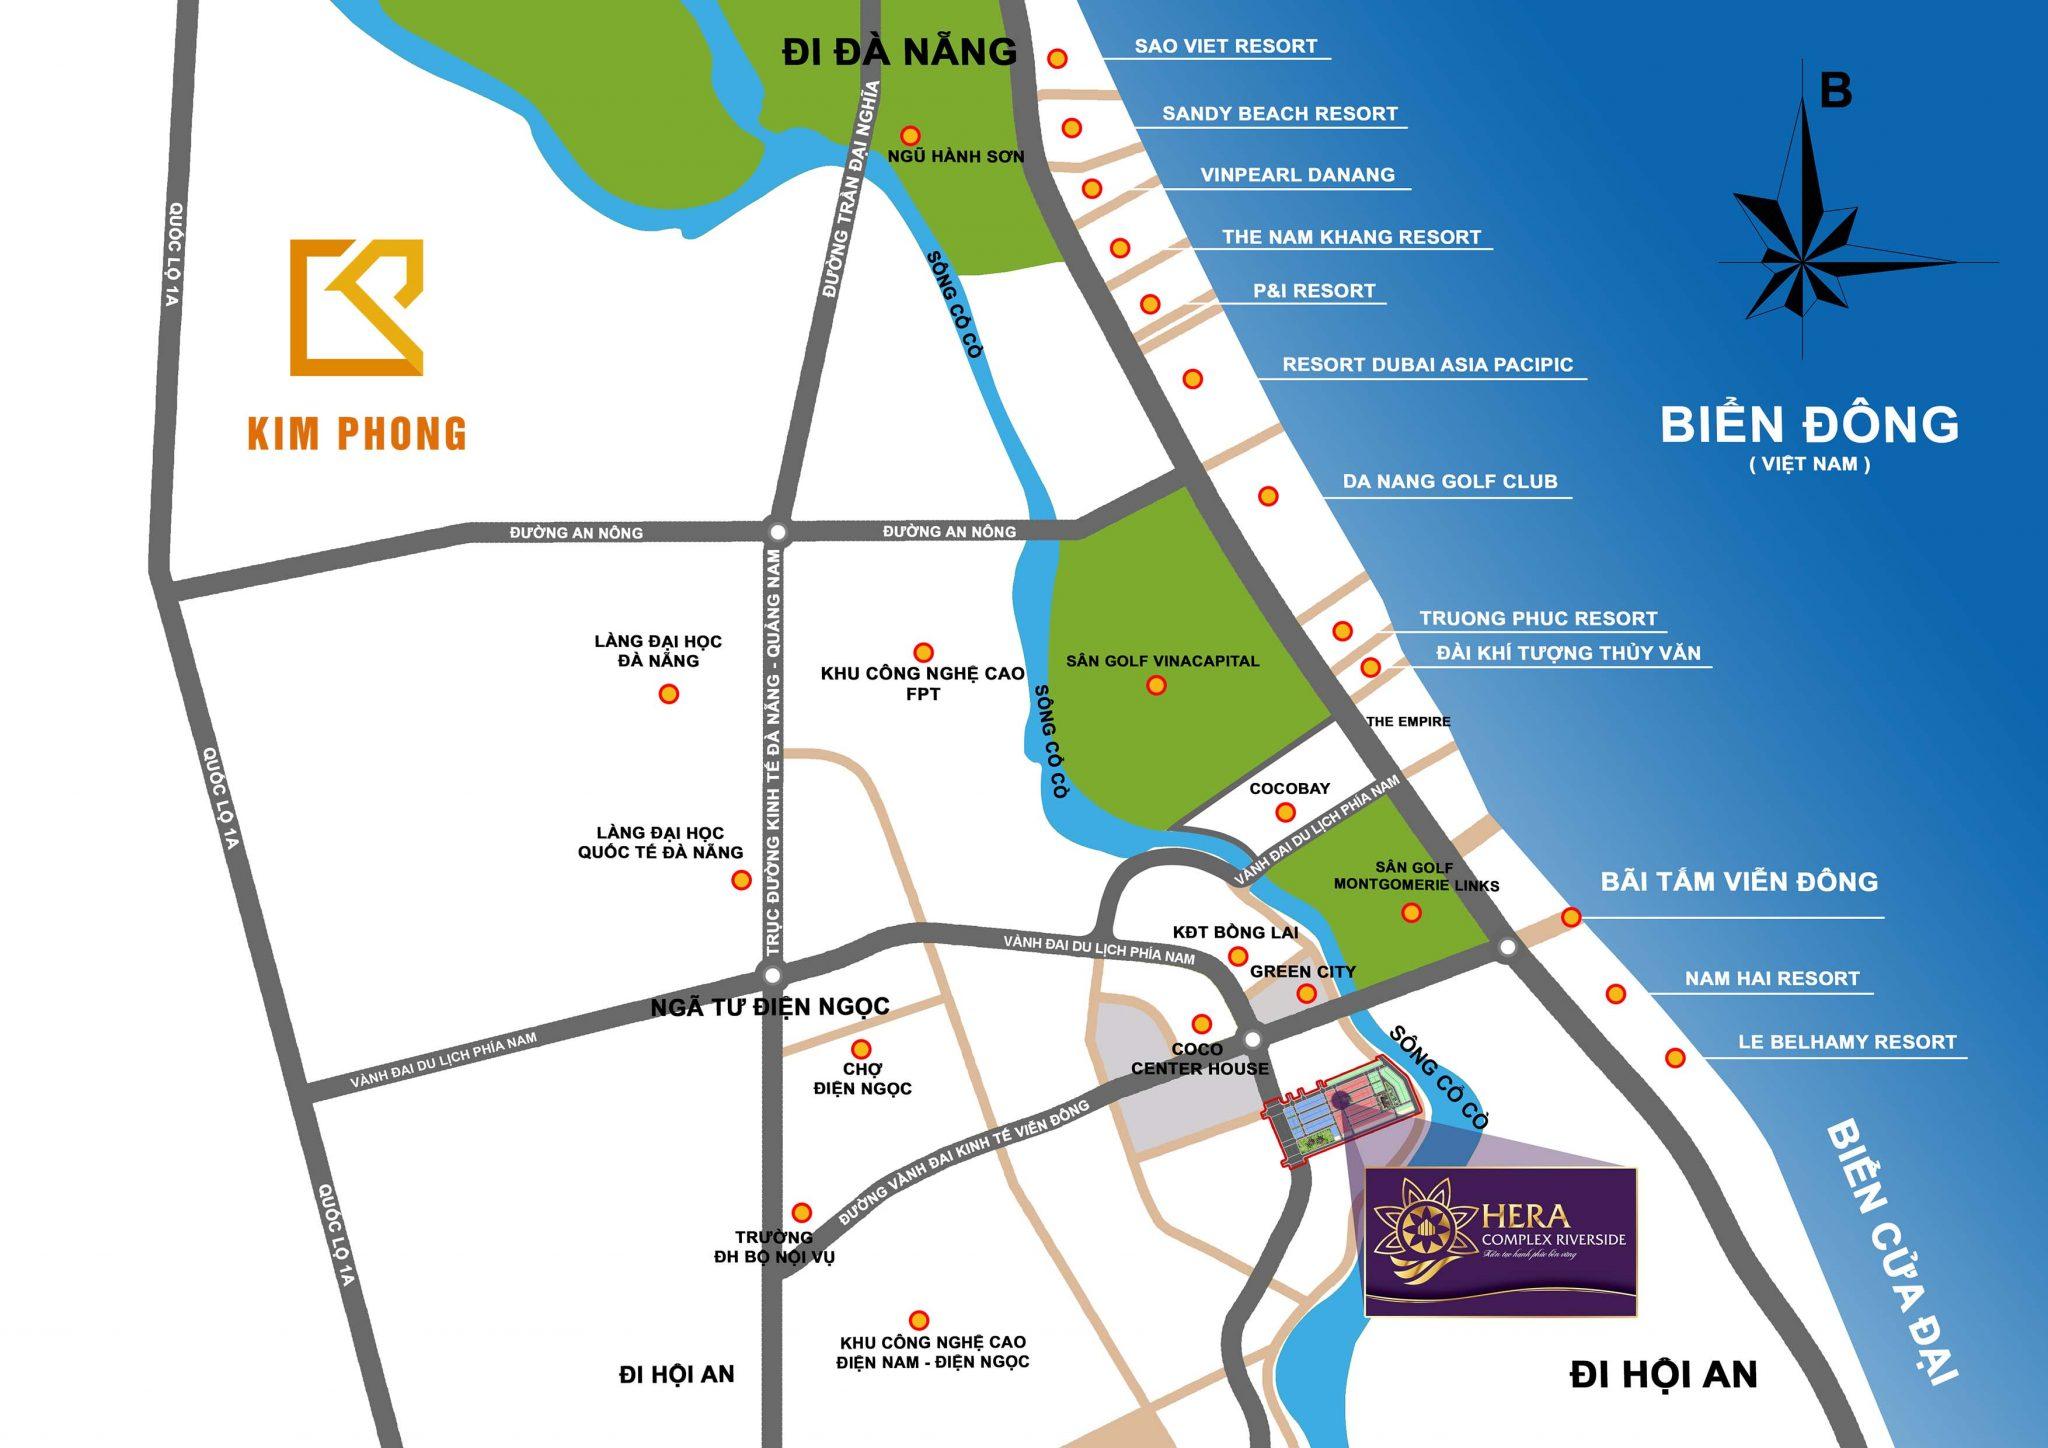 Khu đô thị Hera Complex Riverside - Ảnh 3